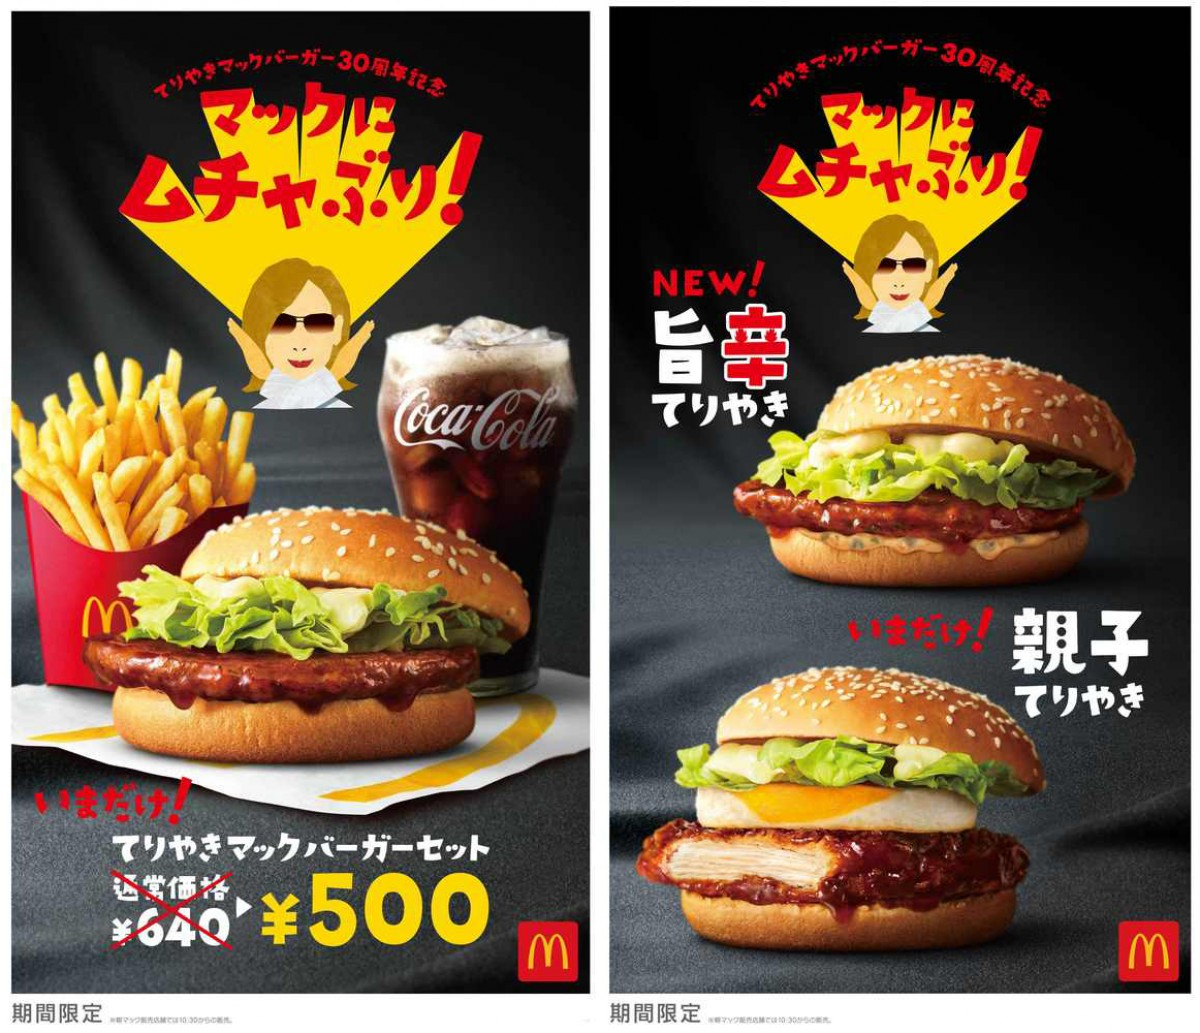 マクドナルド「てりやき」セットが500円に! 「旨辛」「親子」2種の新商品も